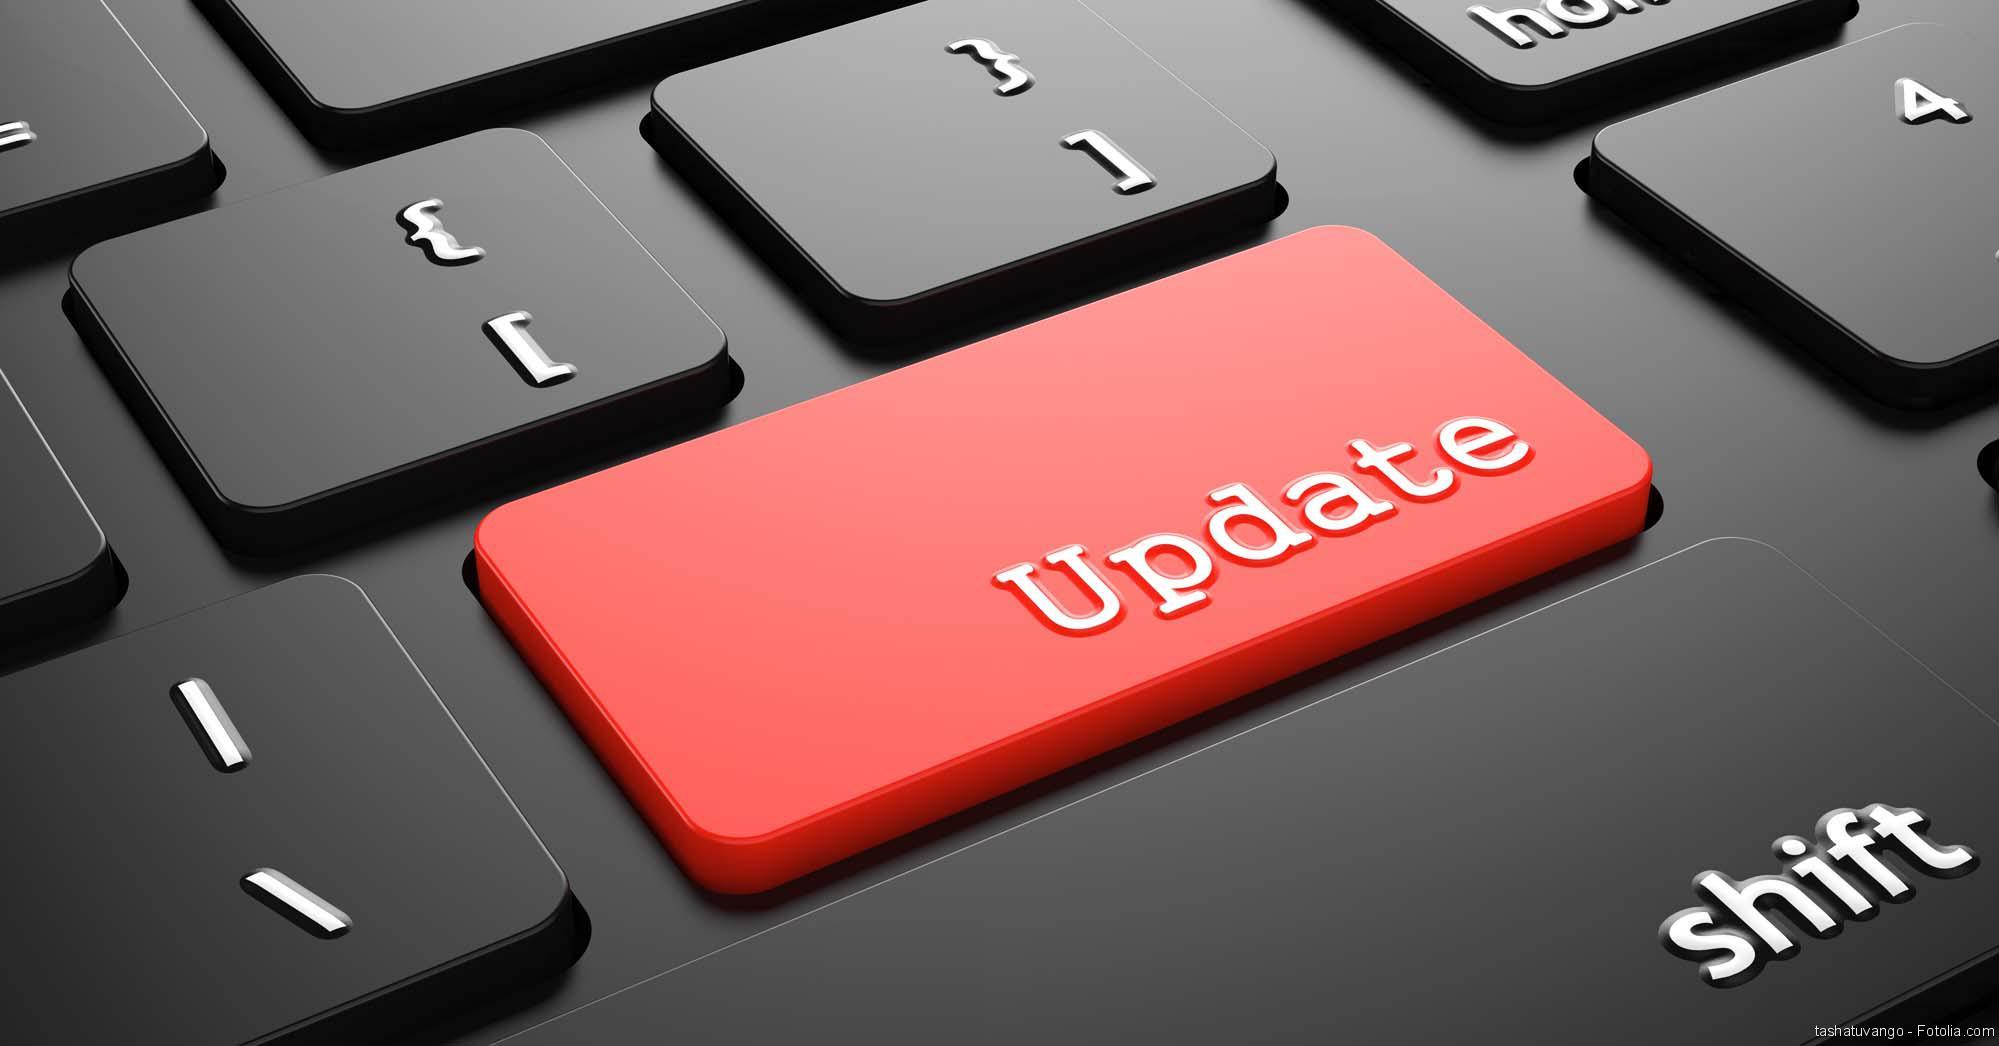 tastatur_update